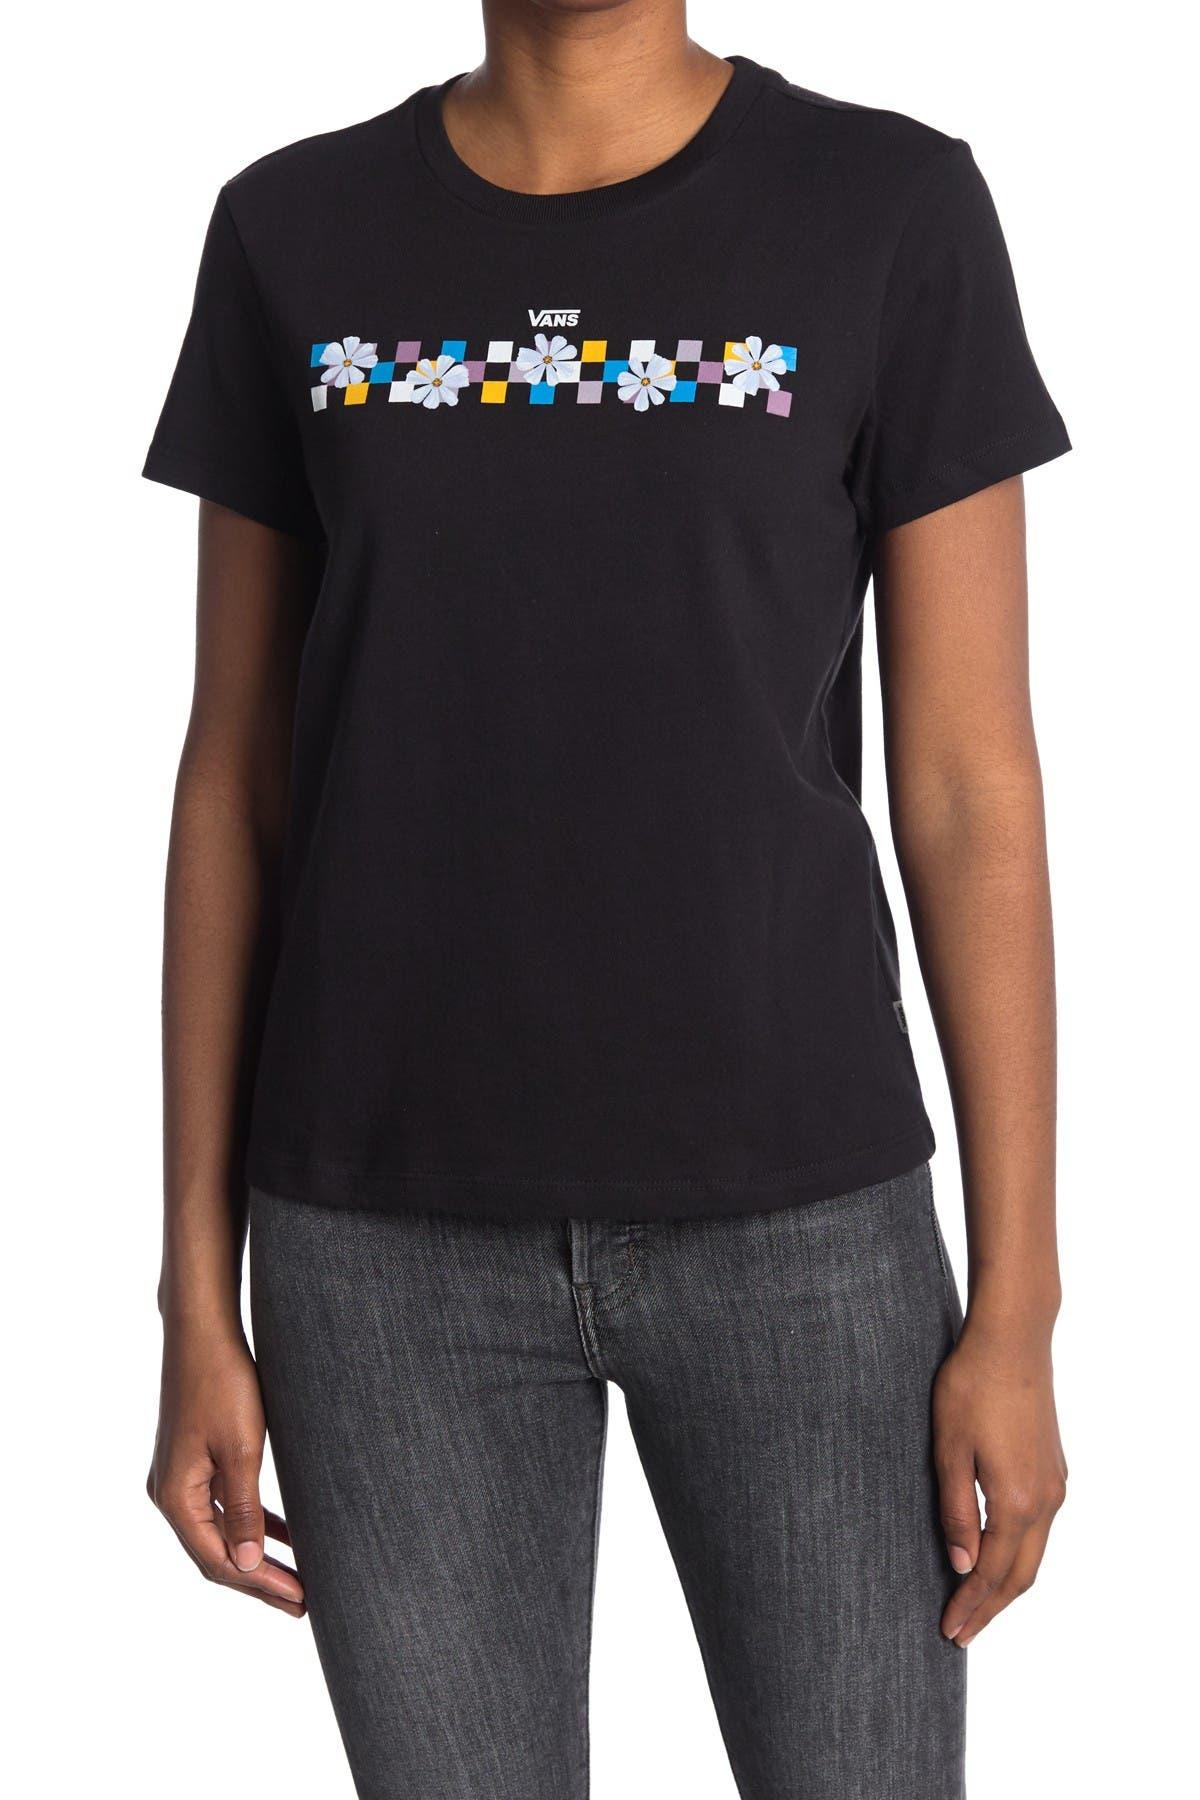 Image of VANS Flower Check Short Sleeve T-Shirt